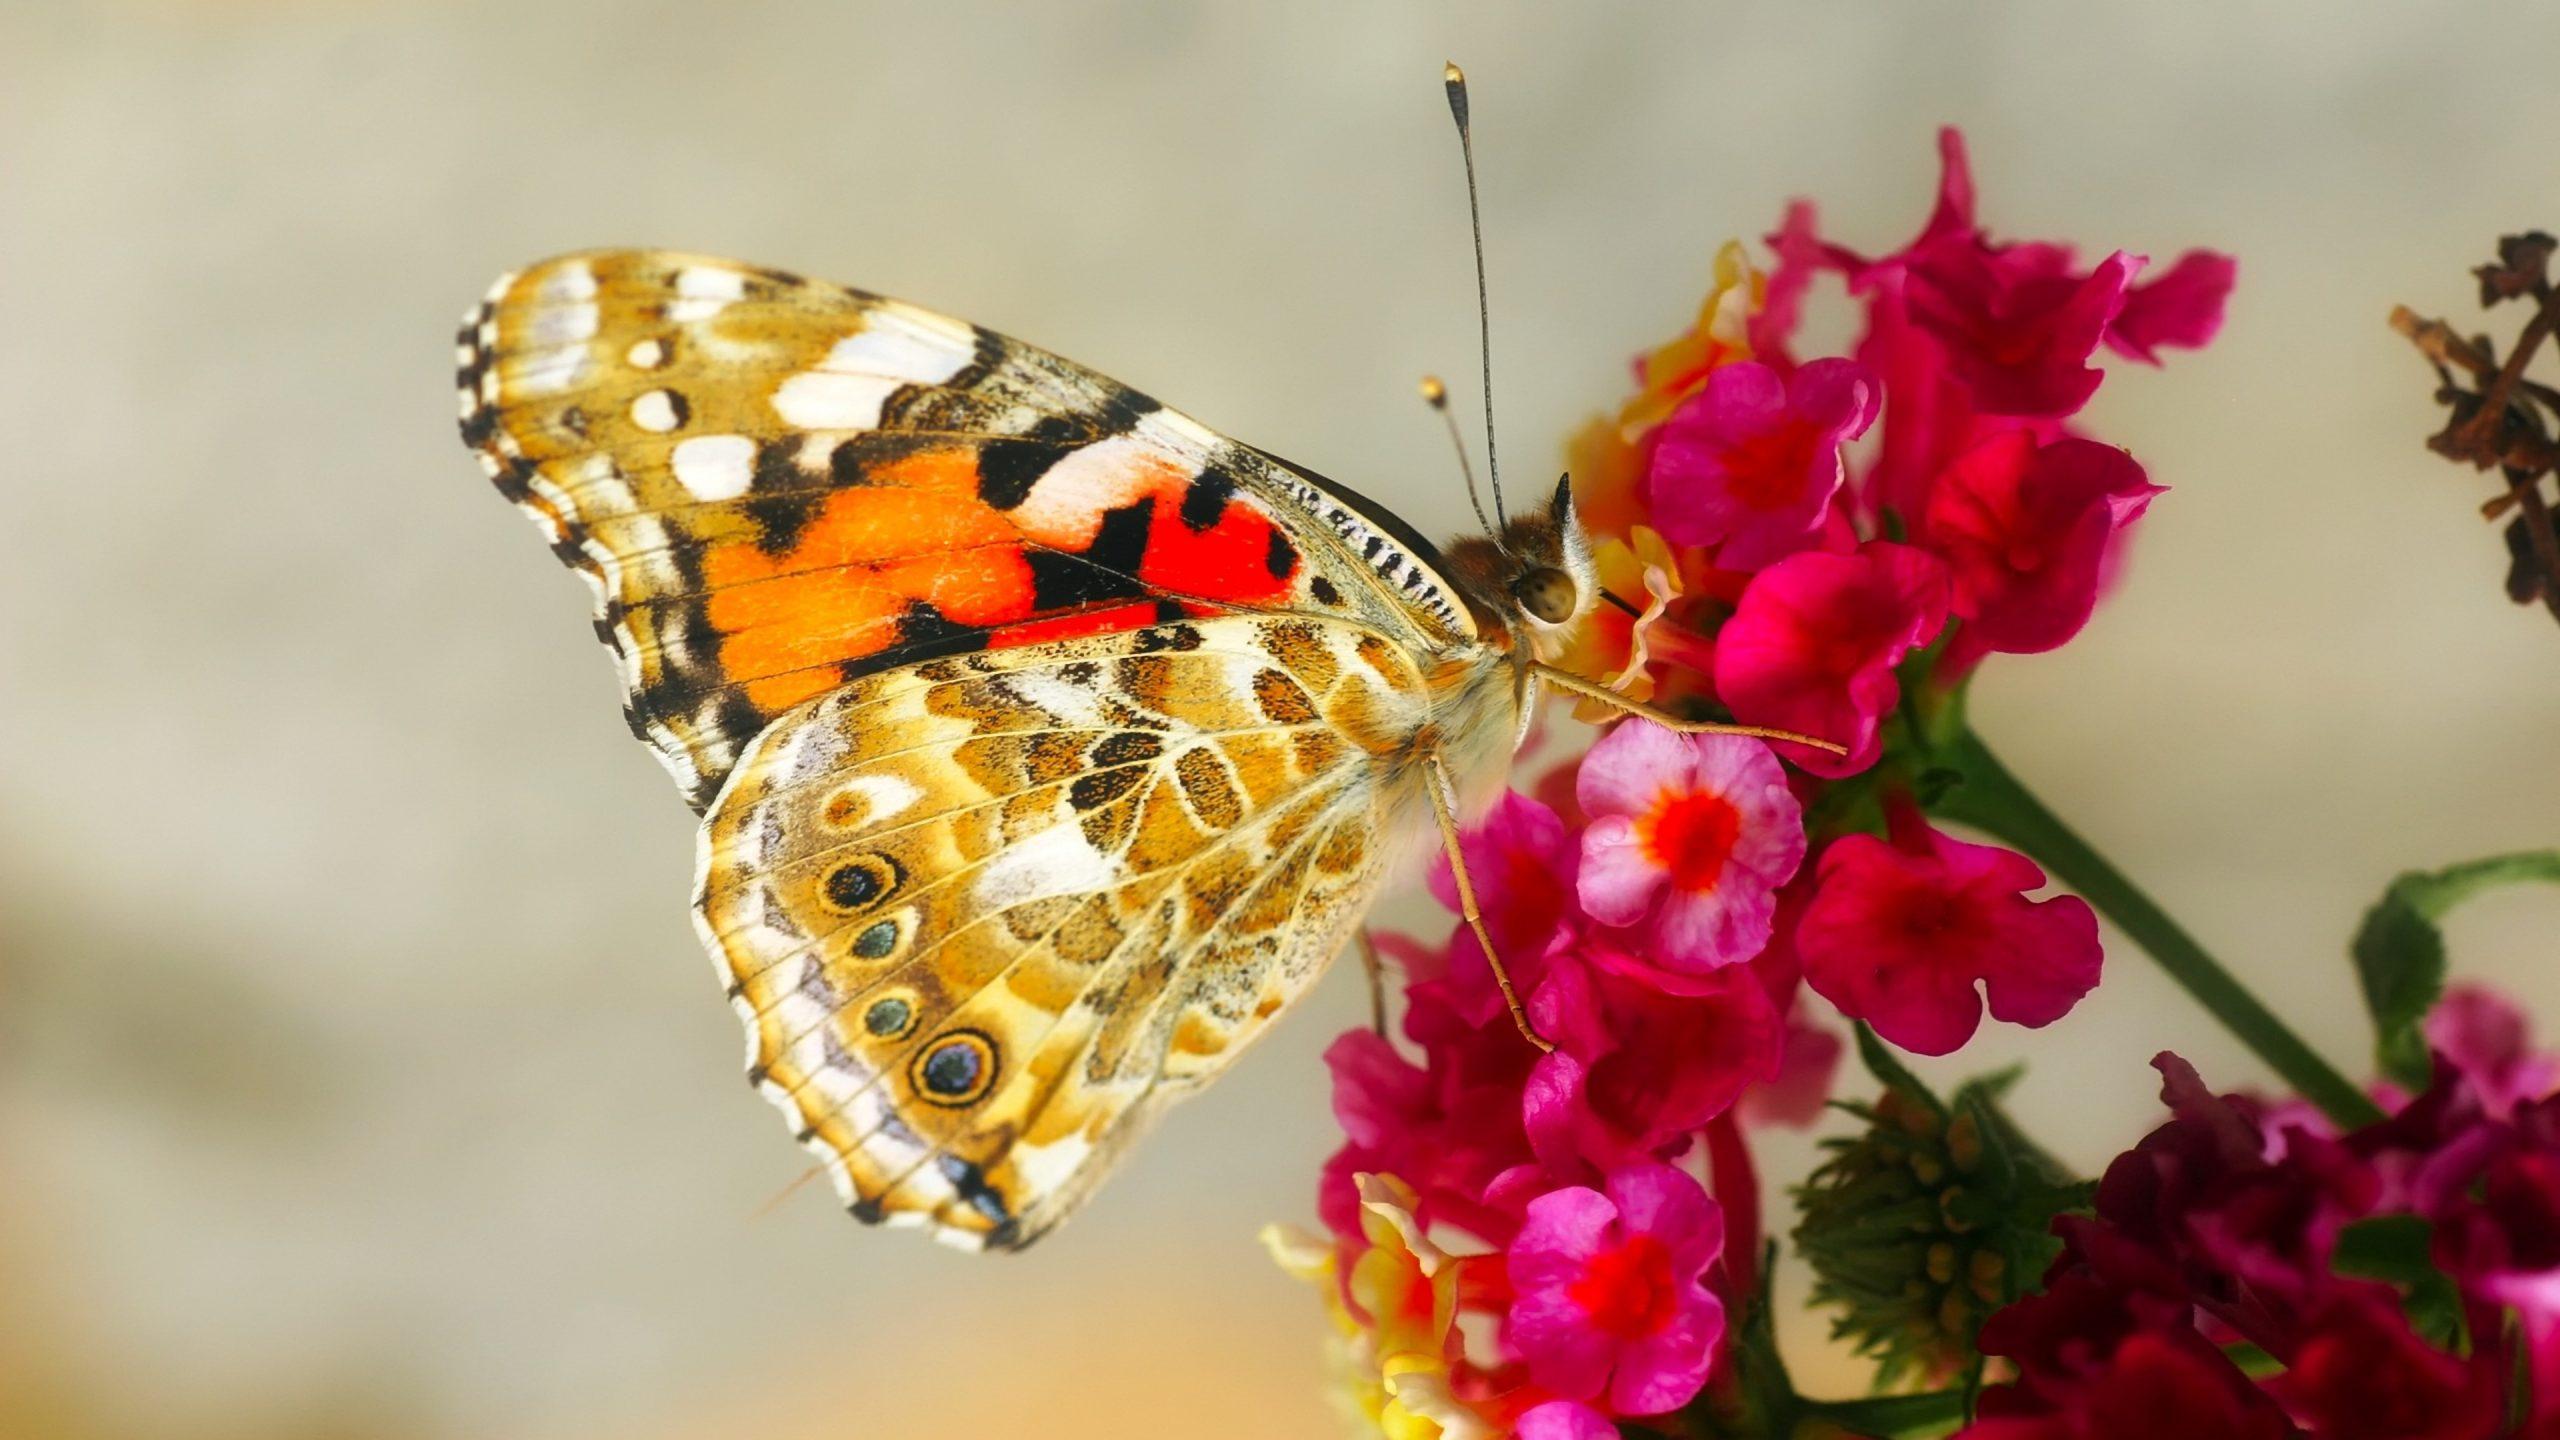 Wallpaper Blumen Und Schmetterlinge verwandt mit Hintergrundbilder Blumen Und Schmetterlinge